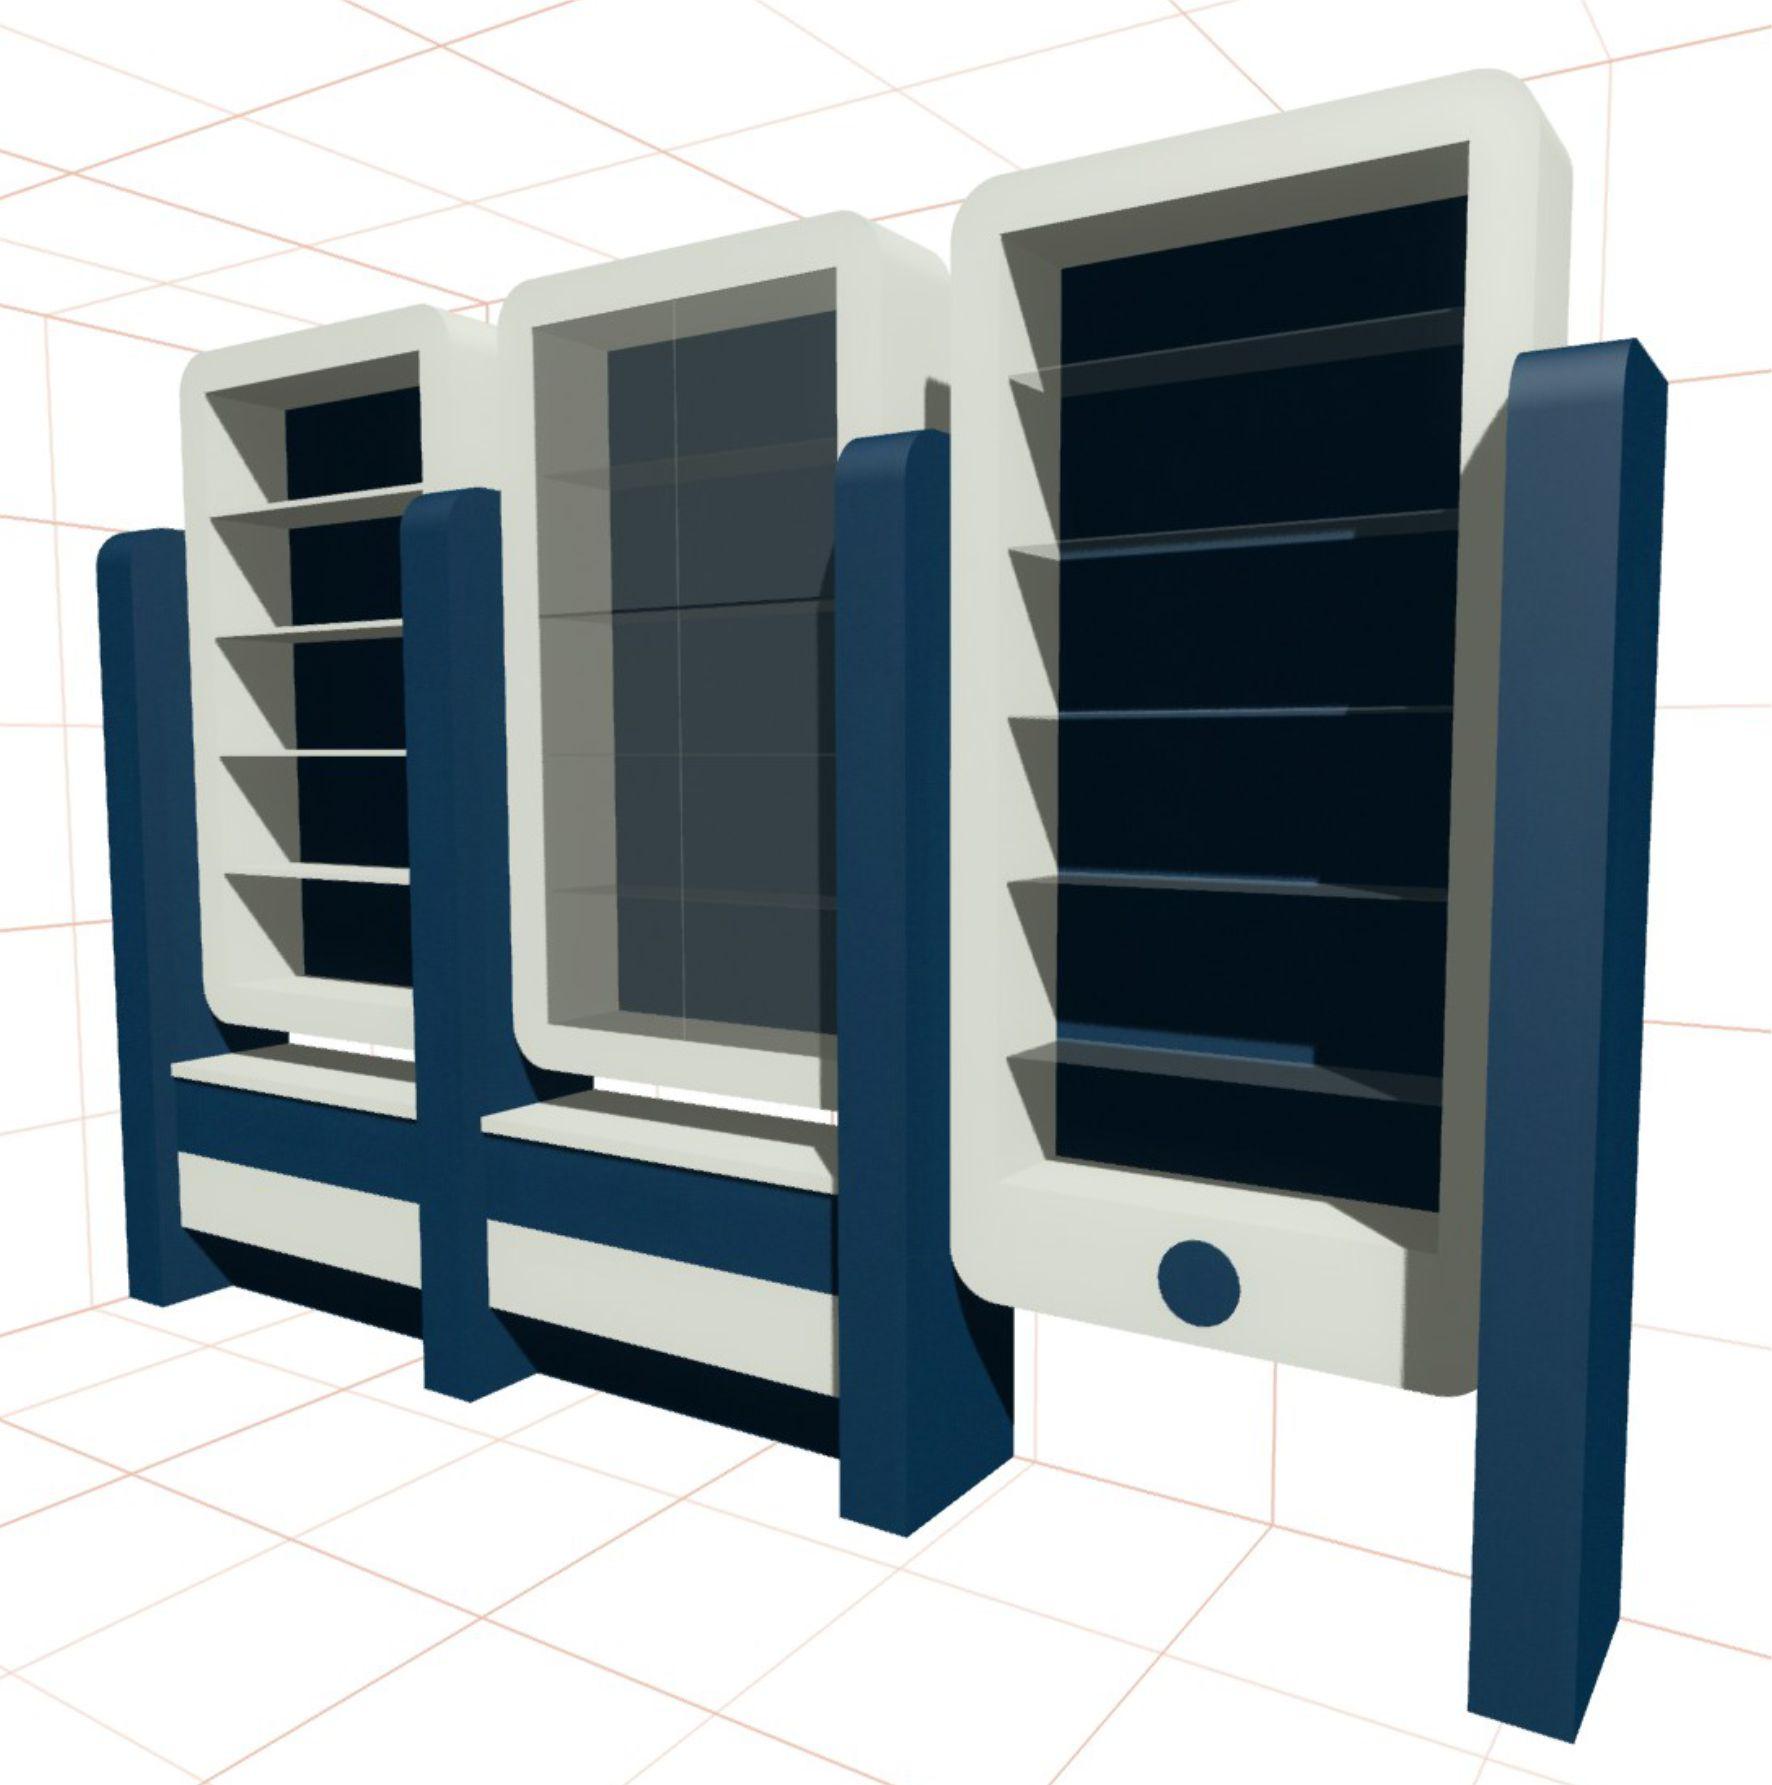 Дизайн проект торговых витрин и мебели в магазин фото f_3125b4c537bdc820.jpg